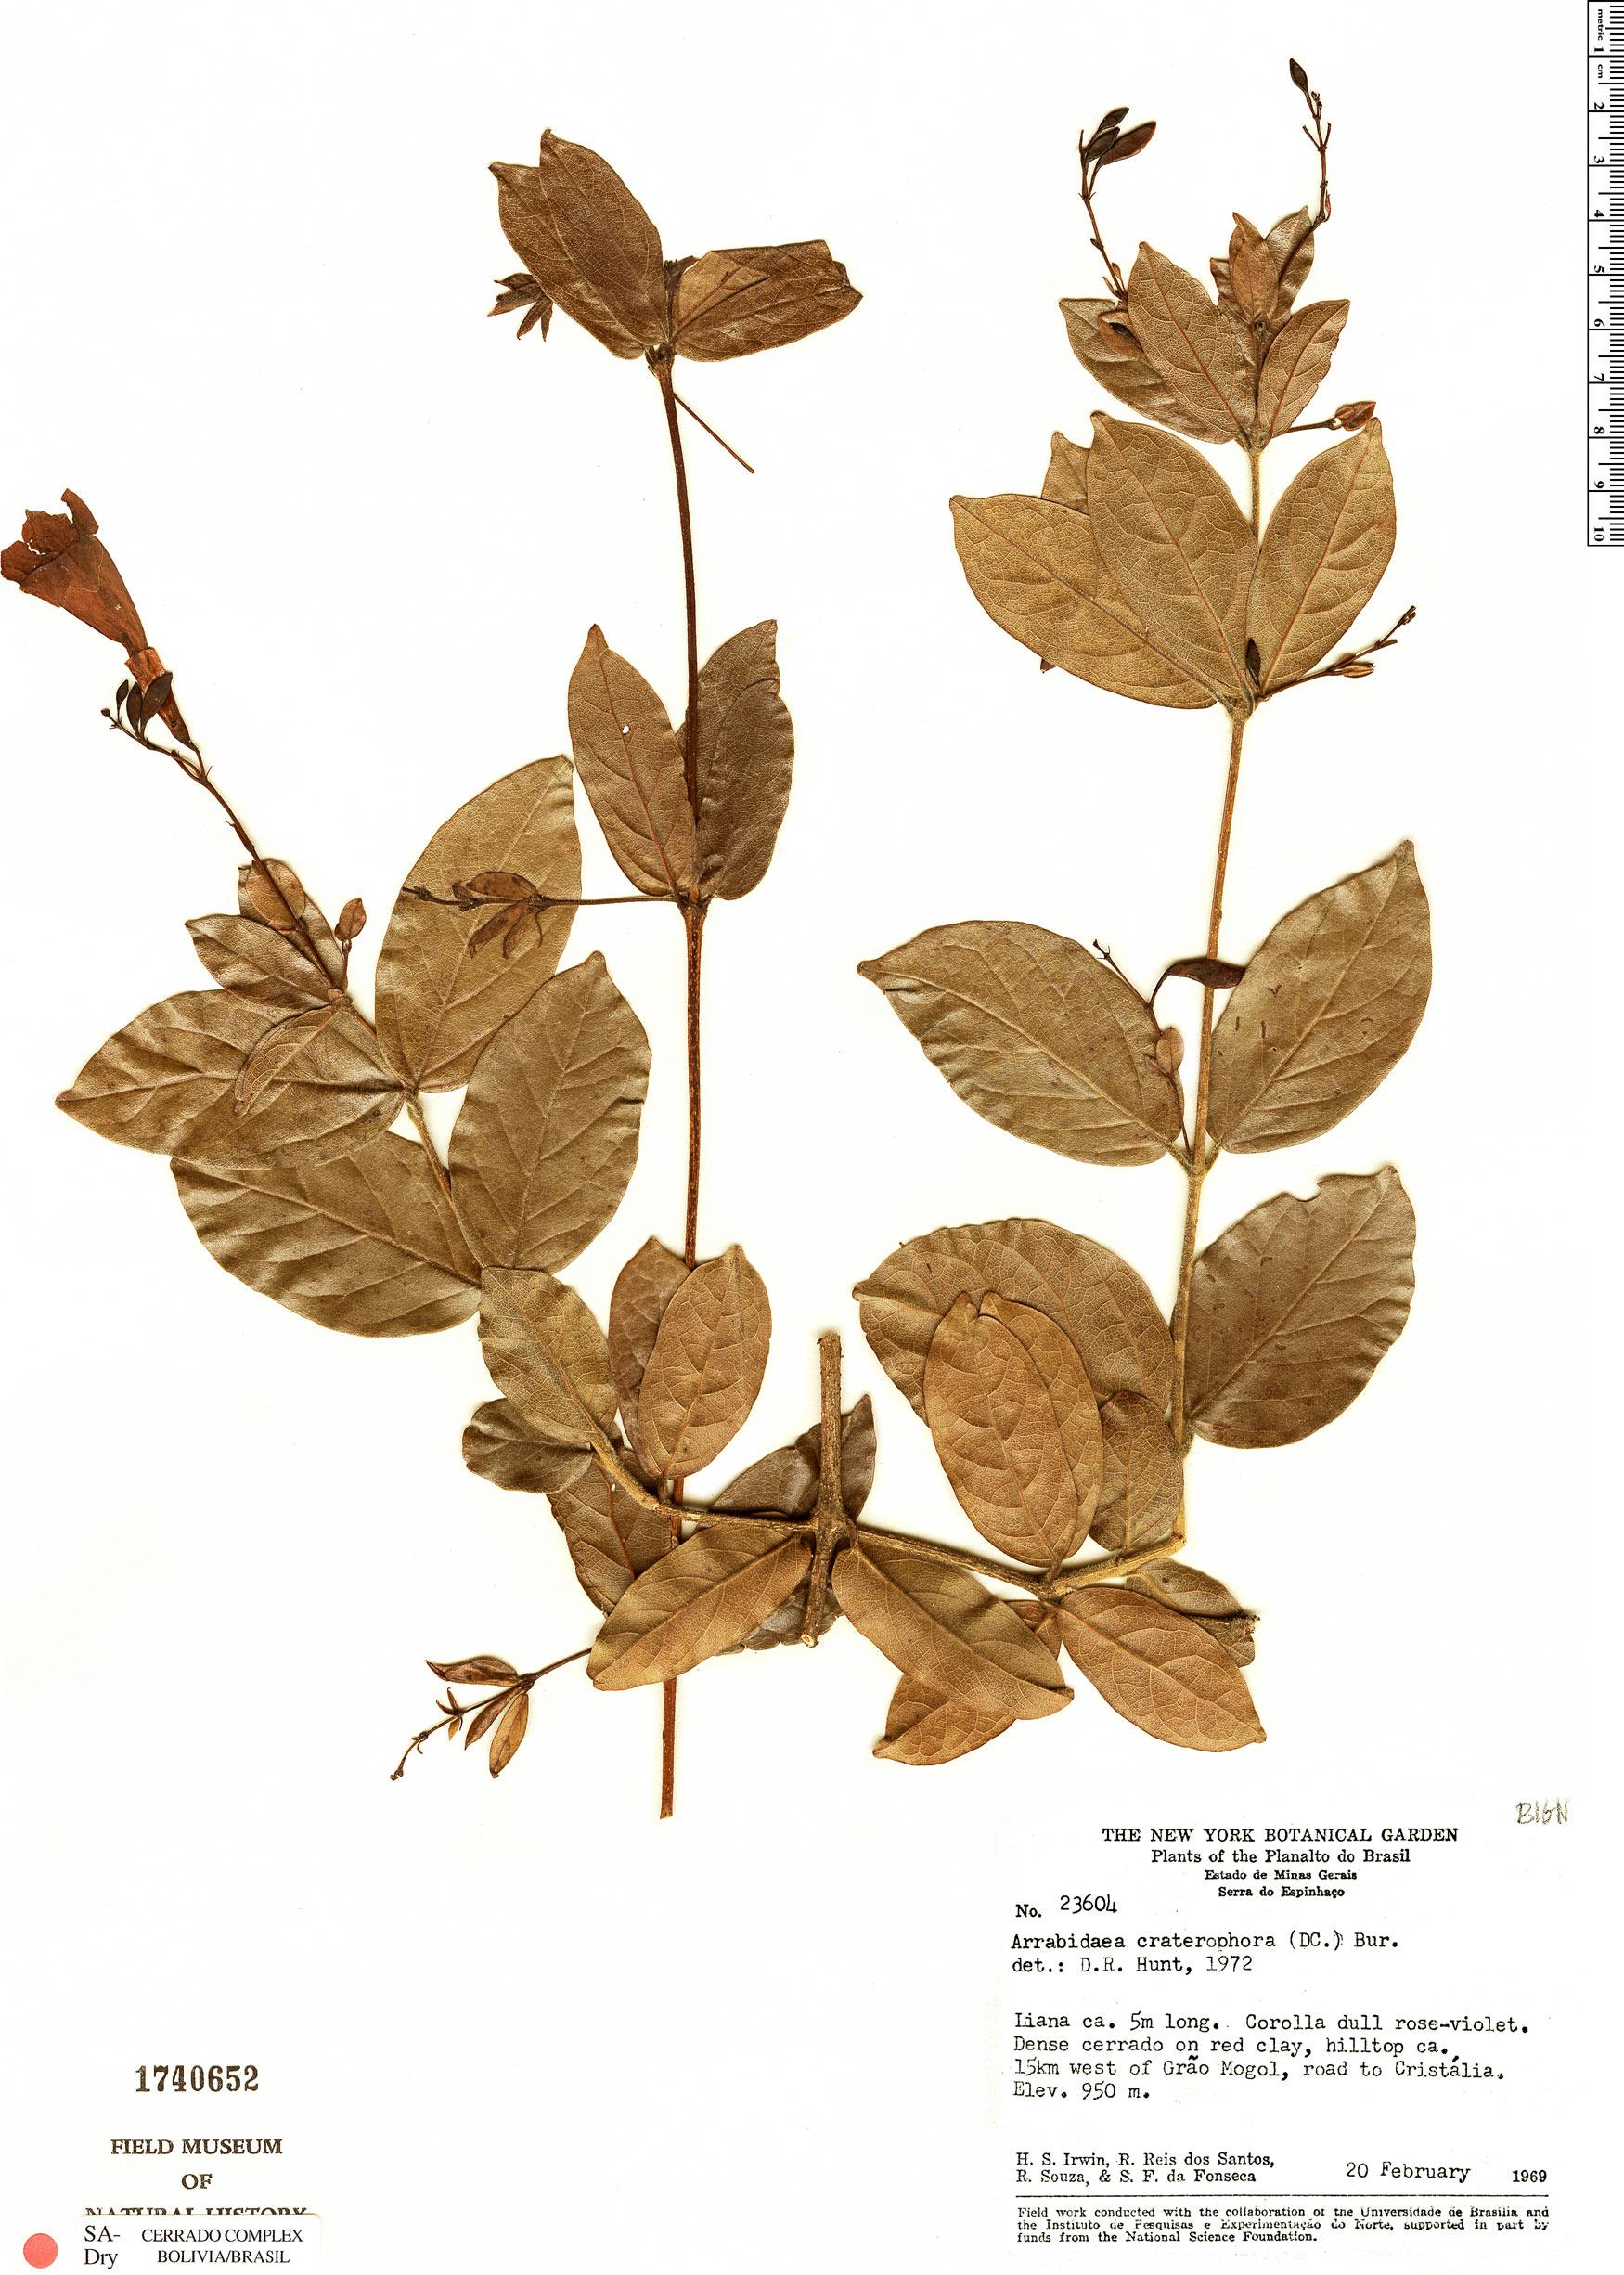 Specimen: Fridericia craterophora